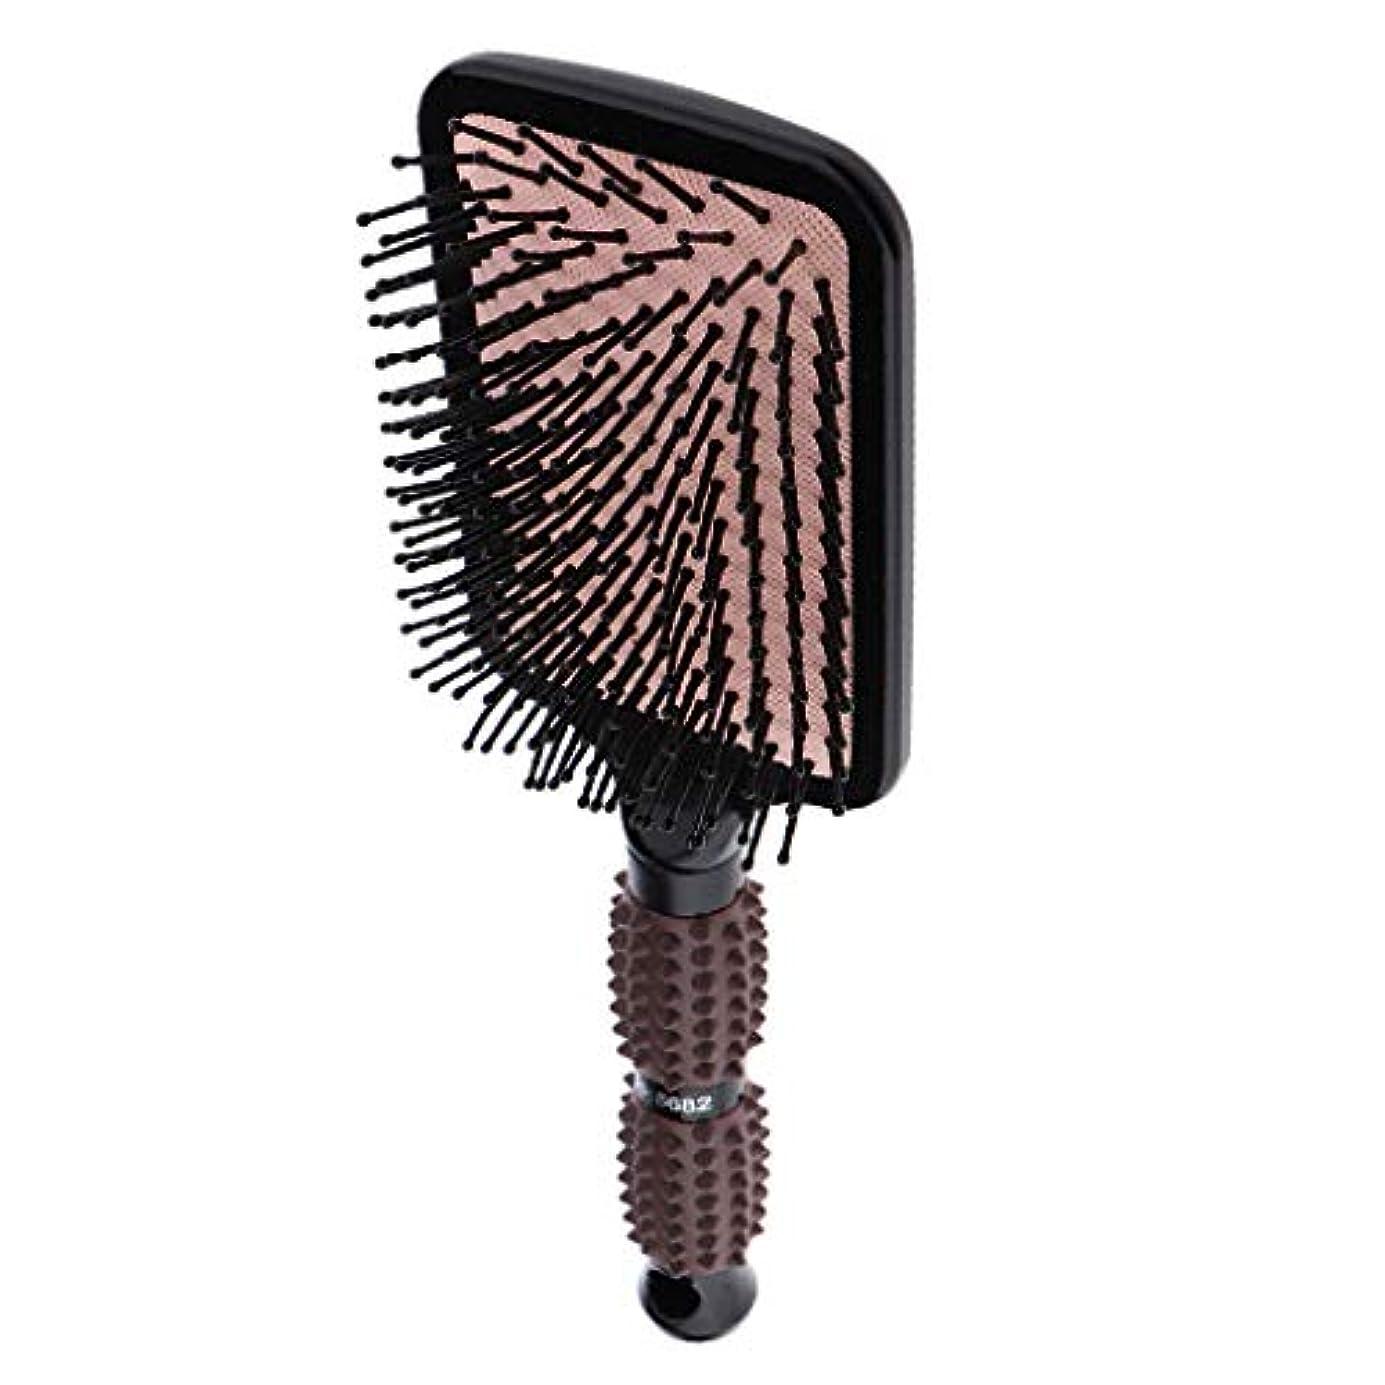 遵守するきょうだい克服するP Prettyia 帯電防止櫛 くし 頭皮マッサージ ヘアブラシ コーム 2サイズ選べ - スクエア